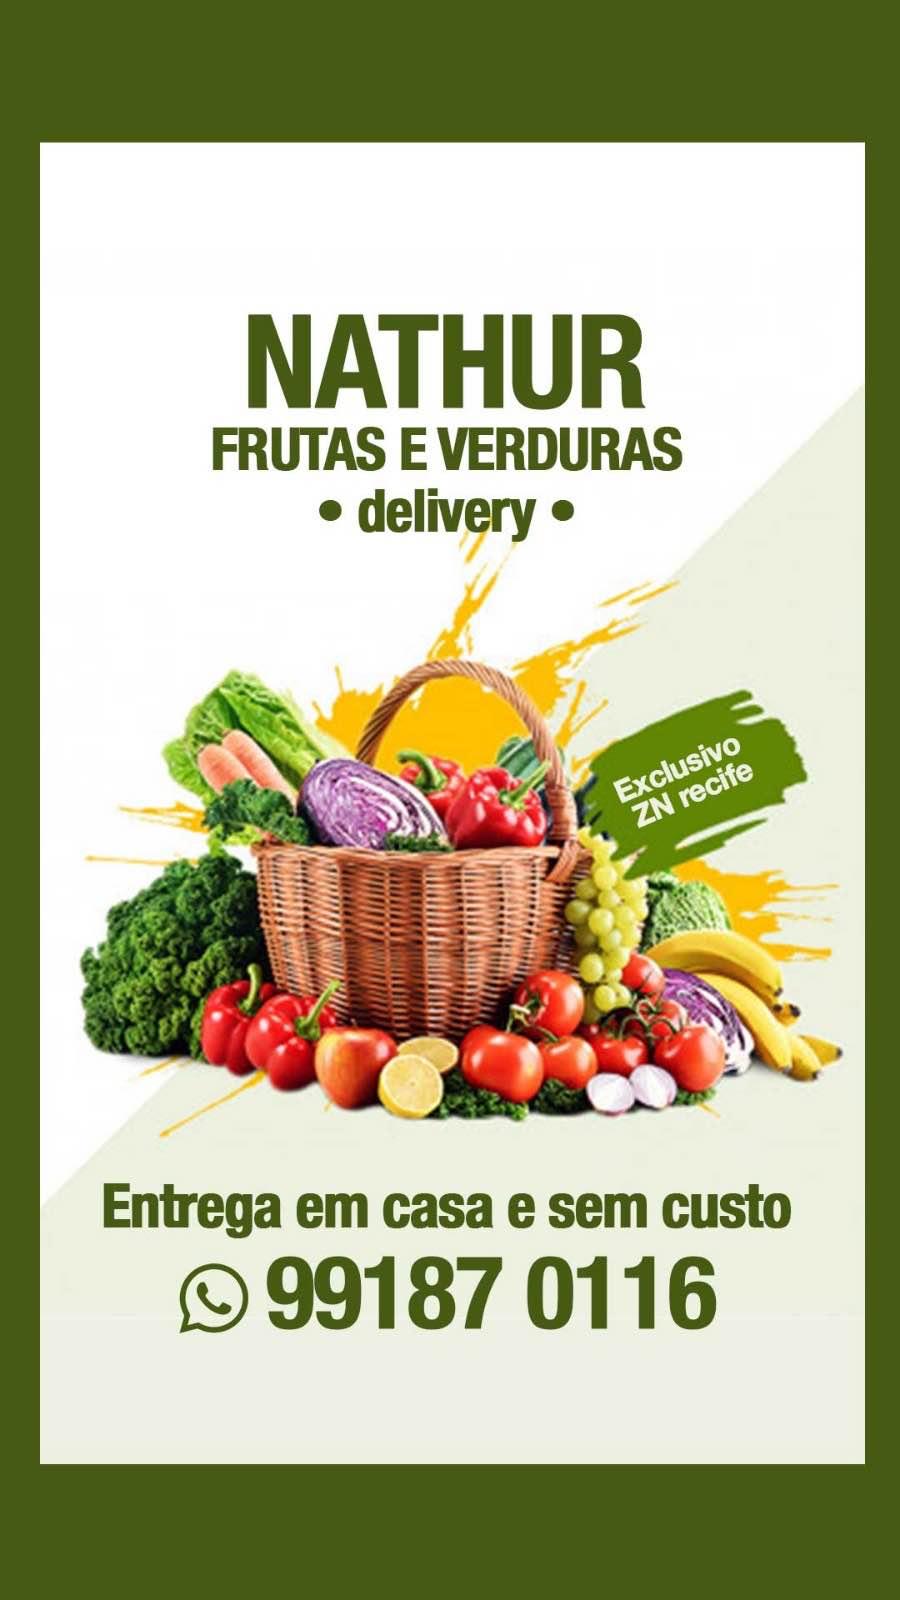 Nathur frutas e verduras